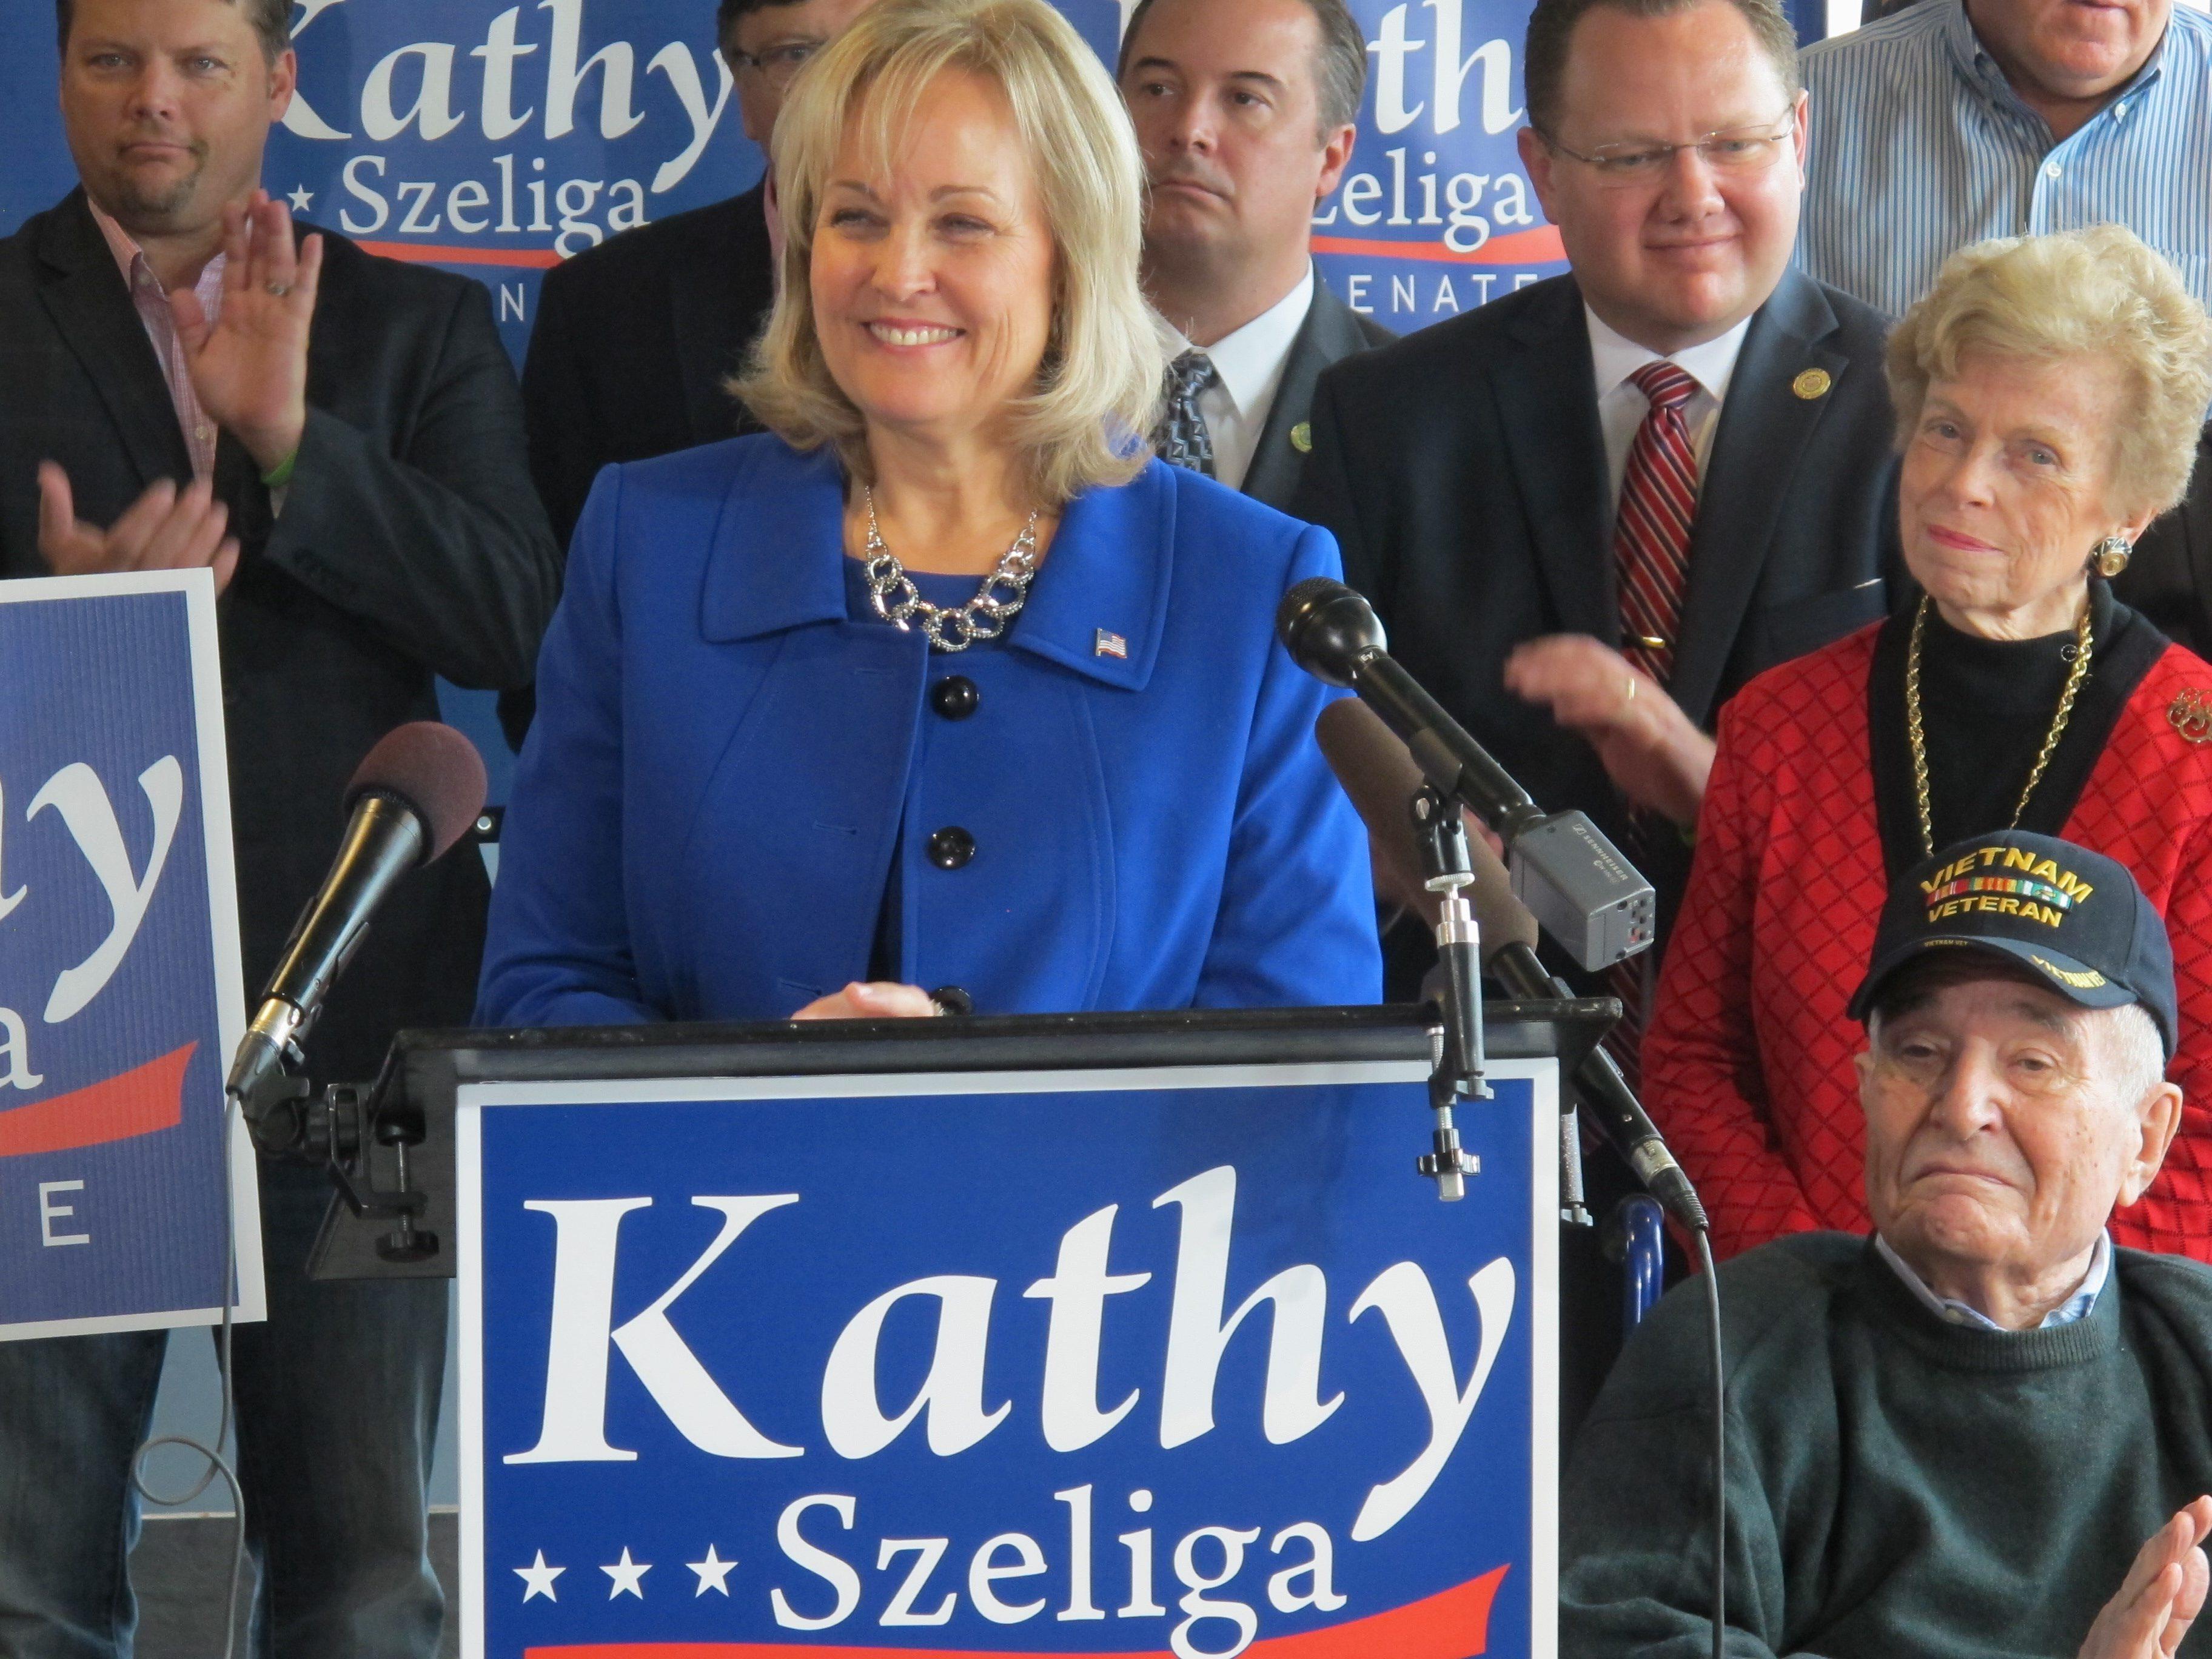 kathy szeliga looks to flip maryland's u.s. senate seat from blue